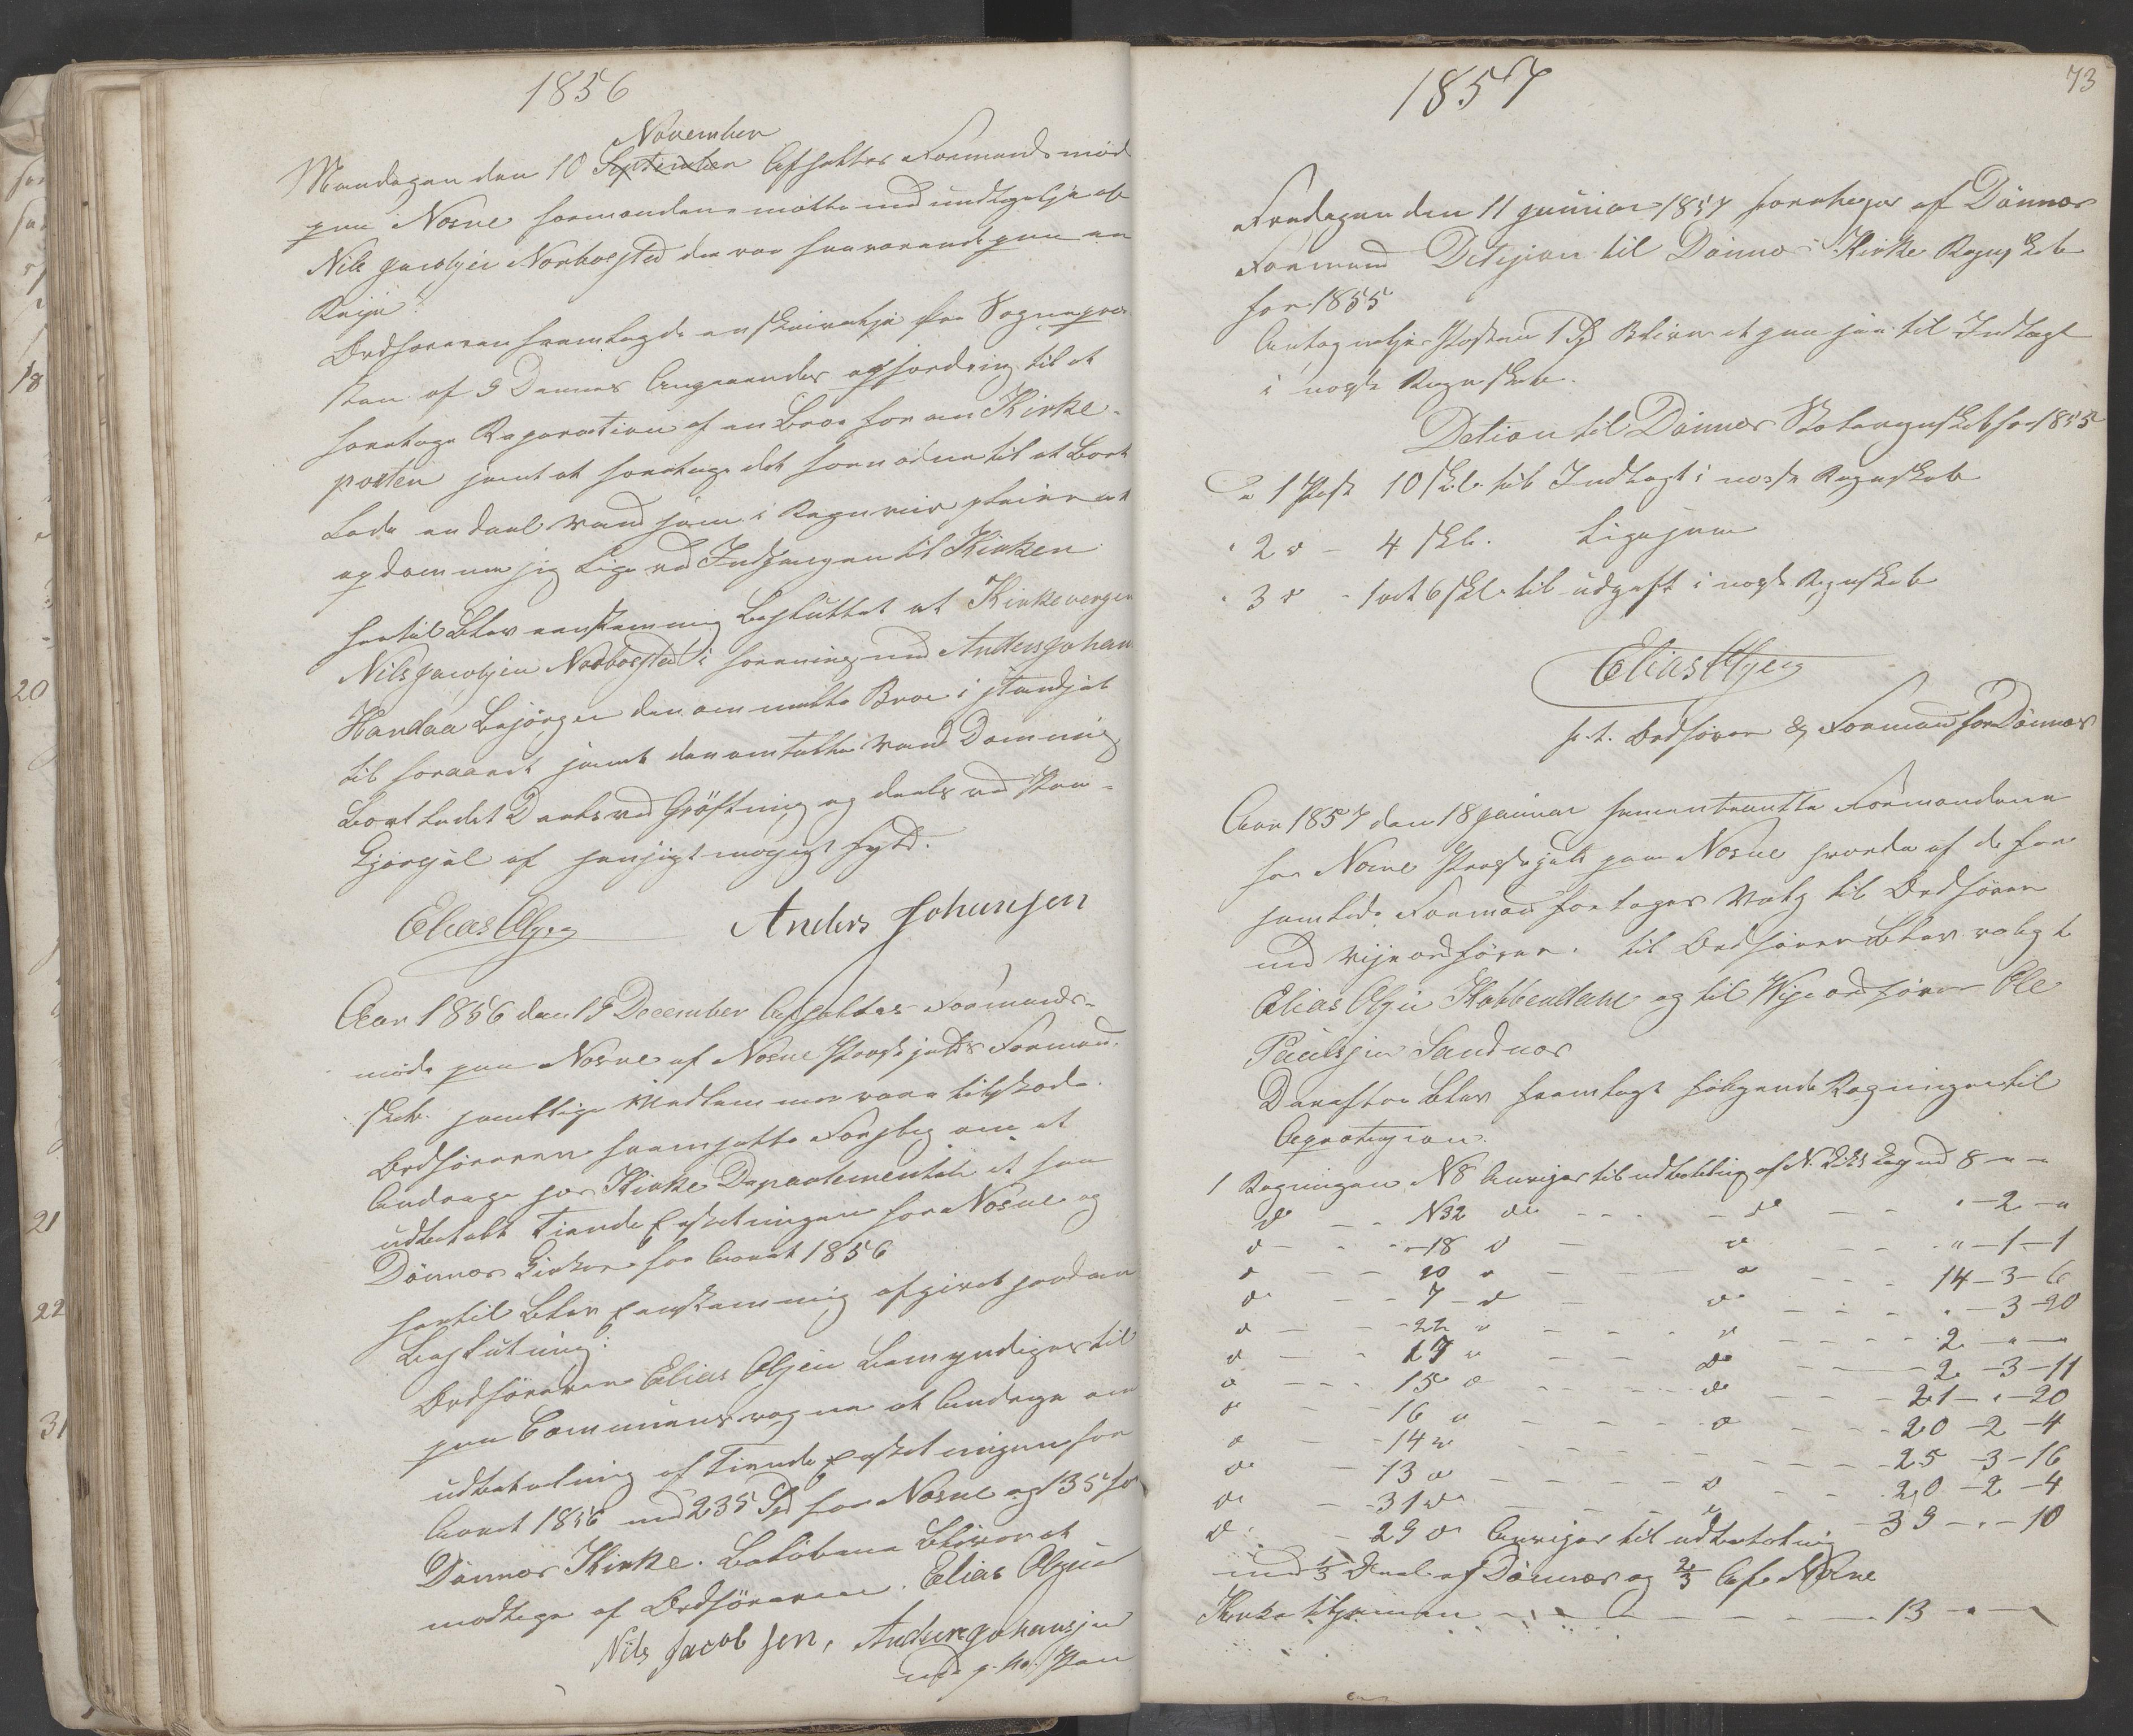 AIN, Nesna kommune. Formannskapet, 100/L0001: Møtebok, 1838-1873, s. 73